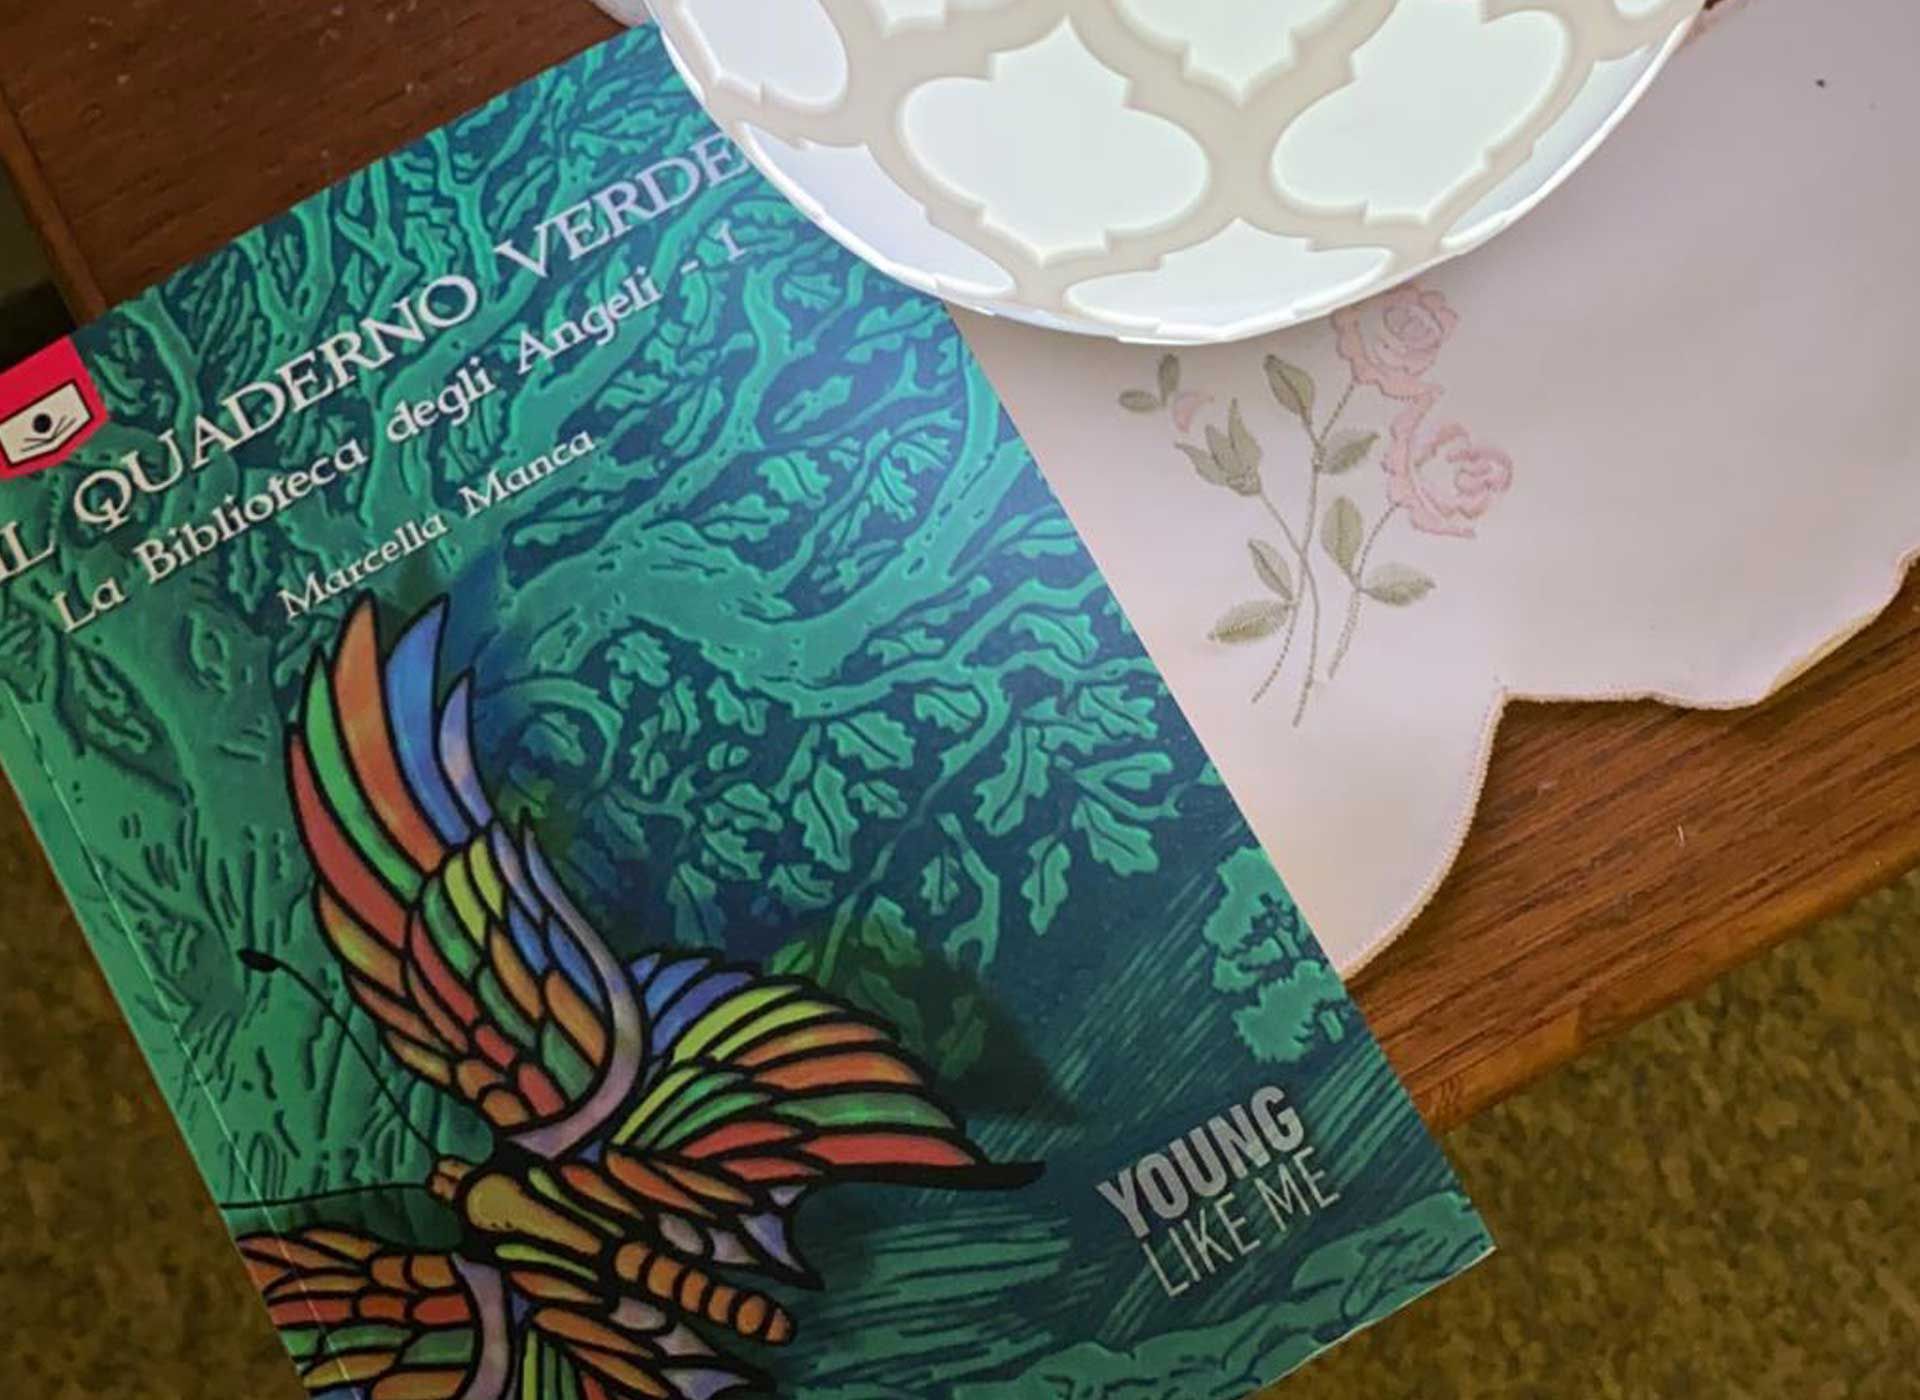 """""""Il quaderno verde. La biblioteca degli angeli"""", invito ai giovani a riscoprire valori dimenticati"""